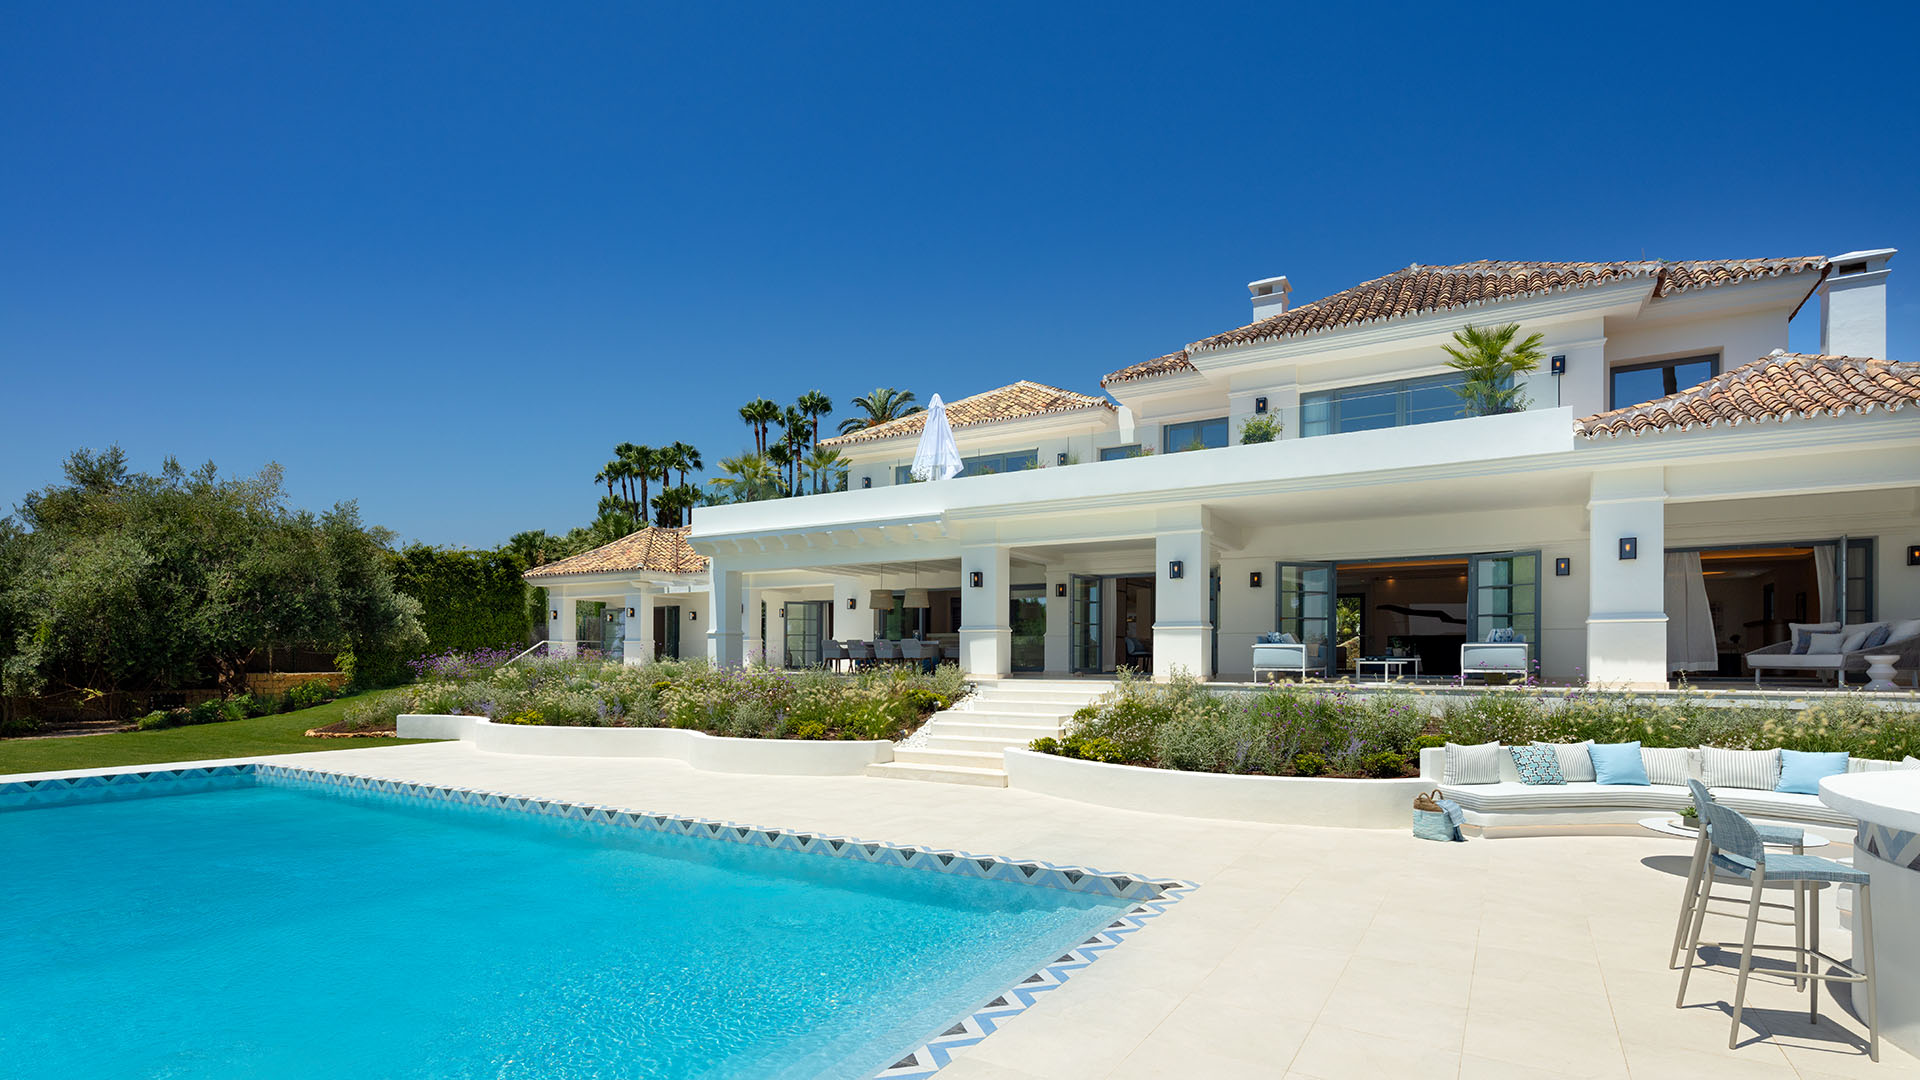 Villa Feliz: Elegant luxury villa with sea views in Marbella